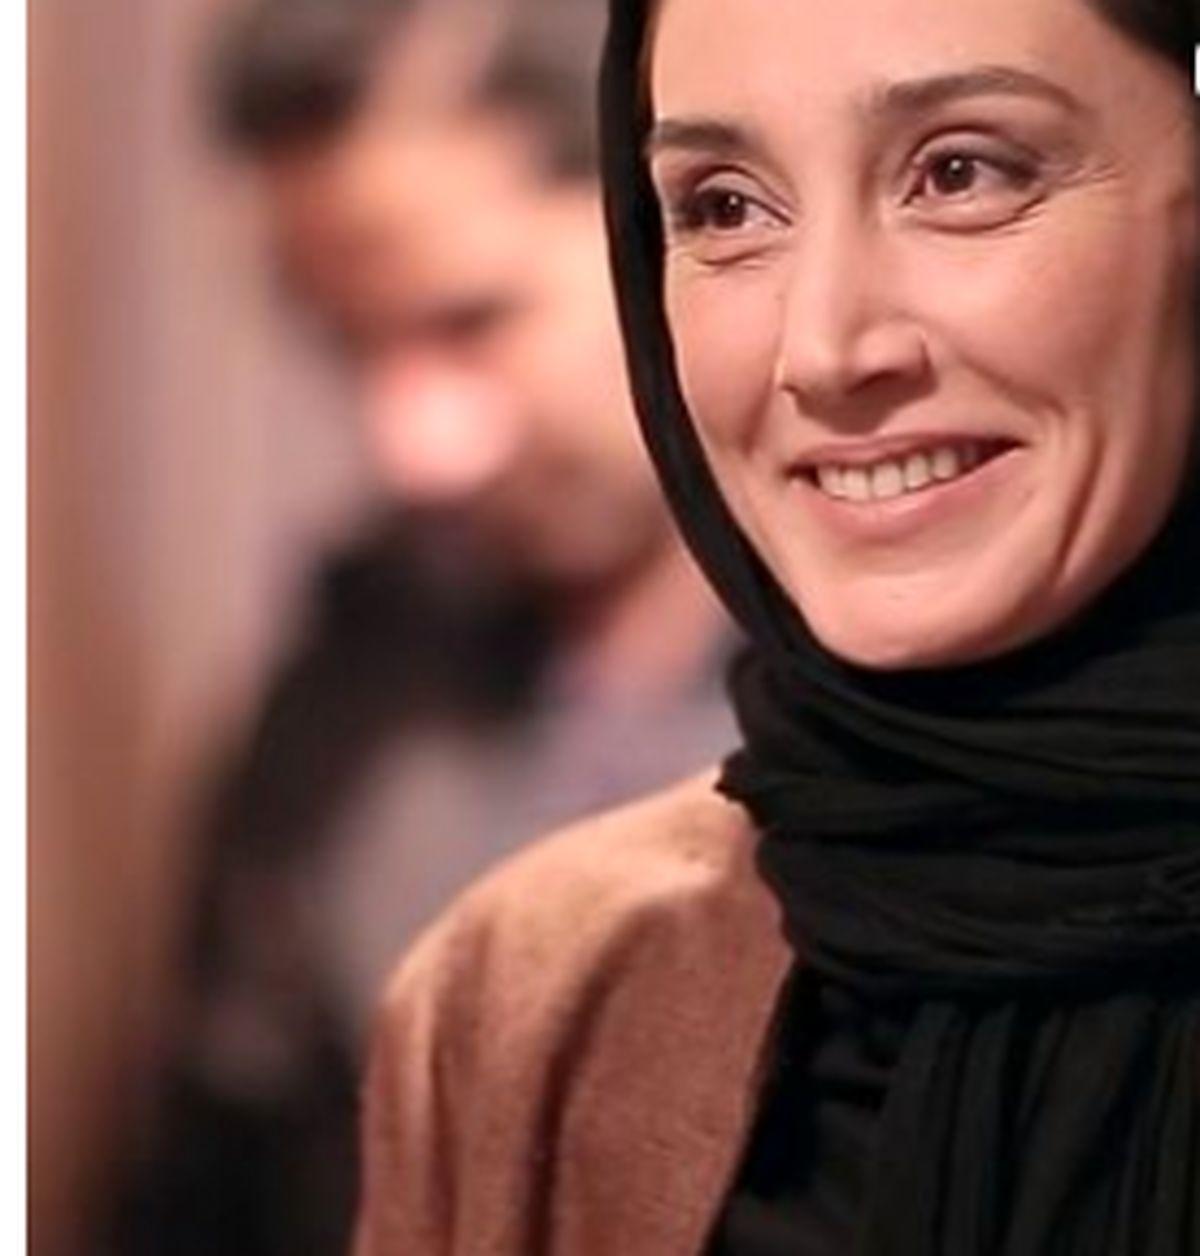 بیوگرافی هدیه تهرانی+ عکس